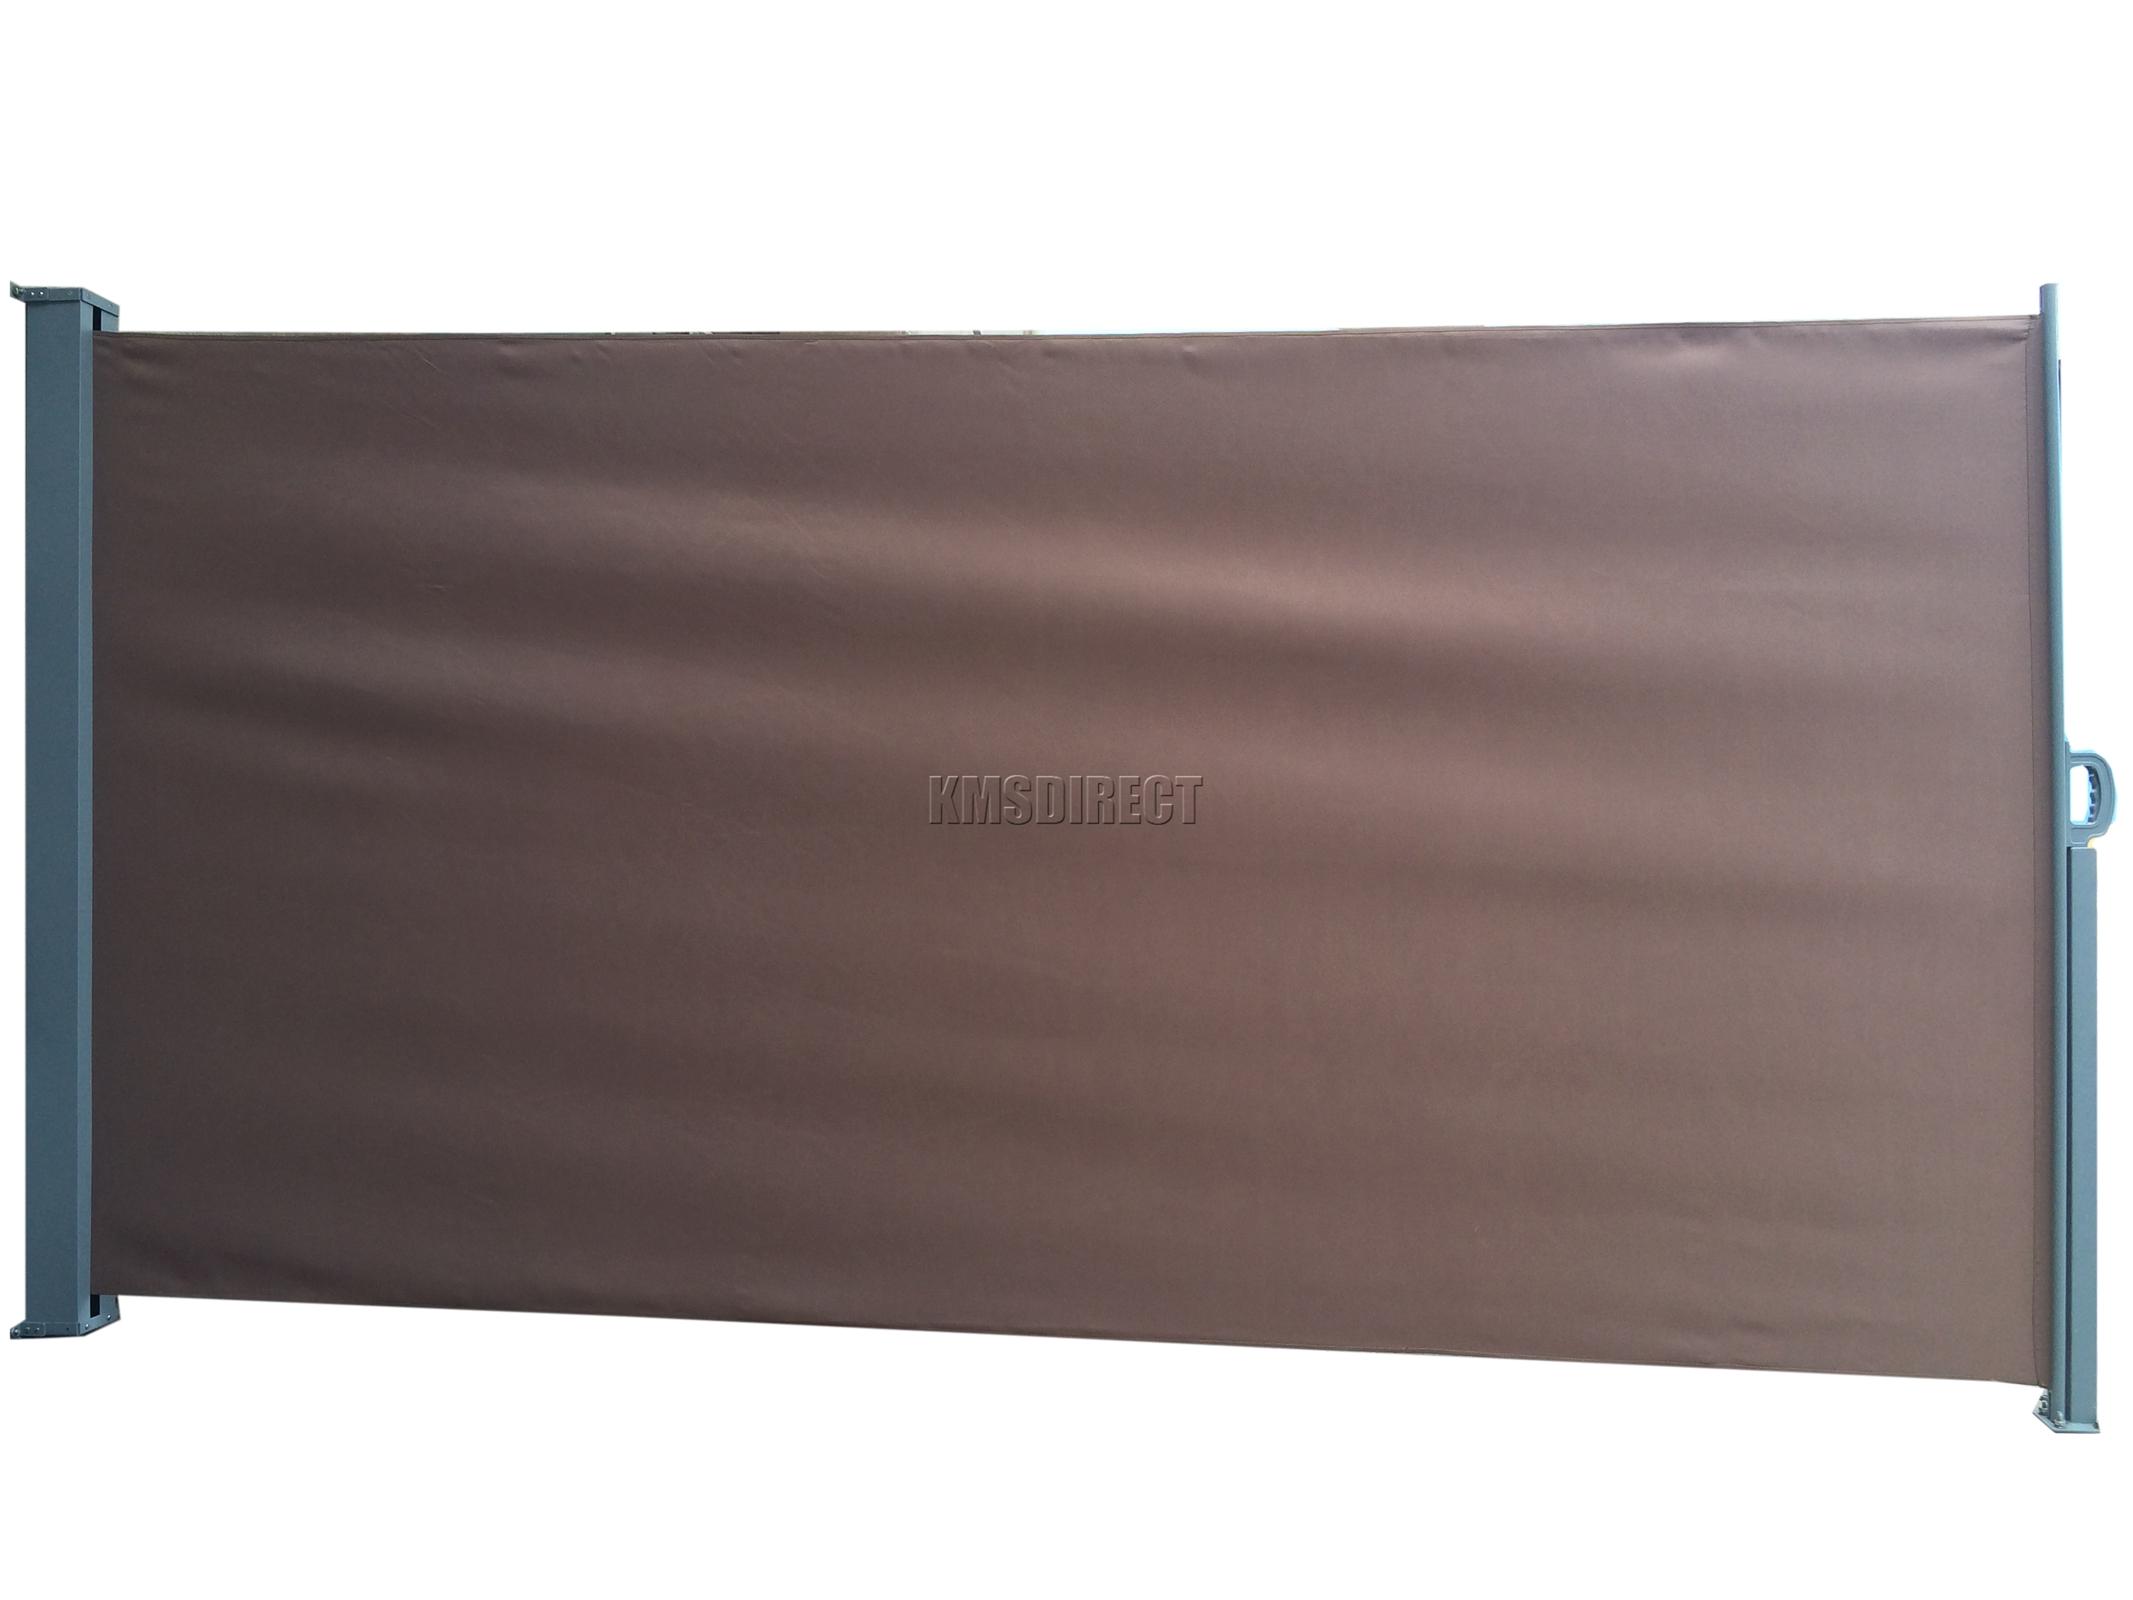 ersatz reparatur garten terrasse sonnenschirm einziehbar seiten markise platte ebay. Black Bedroom Furniture Sets. Home Design Ideas